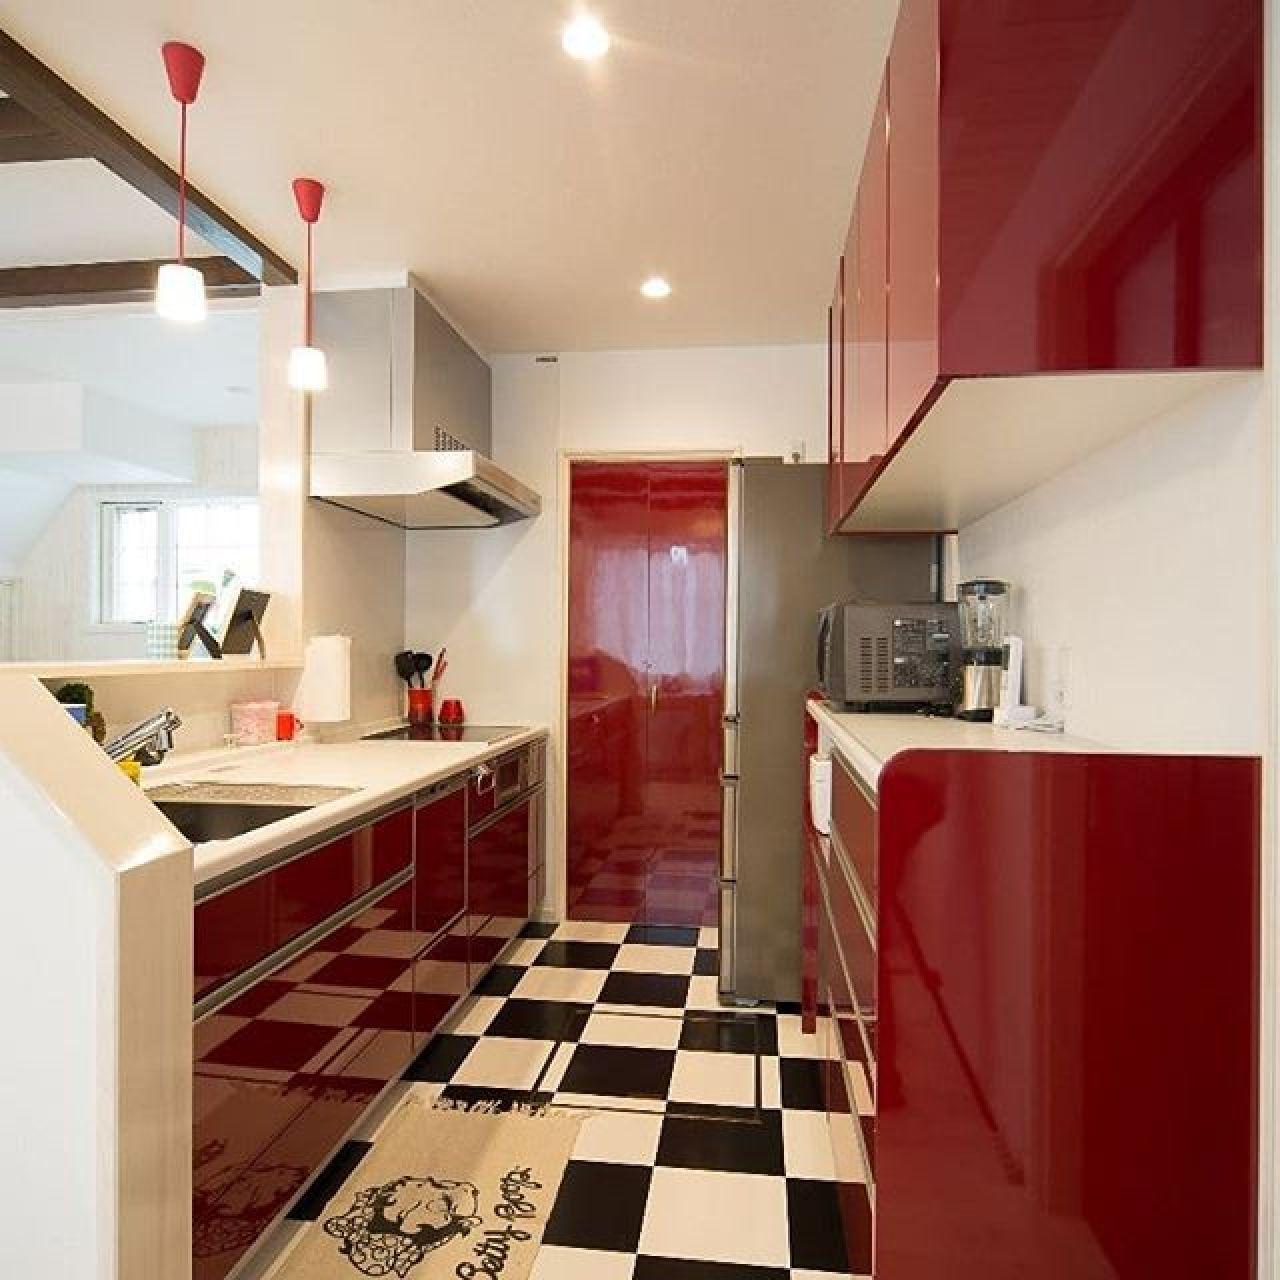 真っ赤なシステムキッチン。正面奥は食品庫。このドアも真っ赤にすることでかなりビビッドな雰囲気に。#システムキッチン #赤 #pタイル #食品庫 #食器棚 #対面キッチン #自然素材 #ビビッドカラー #注文住宅 #住ま居る #タカラスタンダード #ホーロー #オフェリア